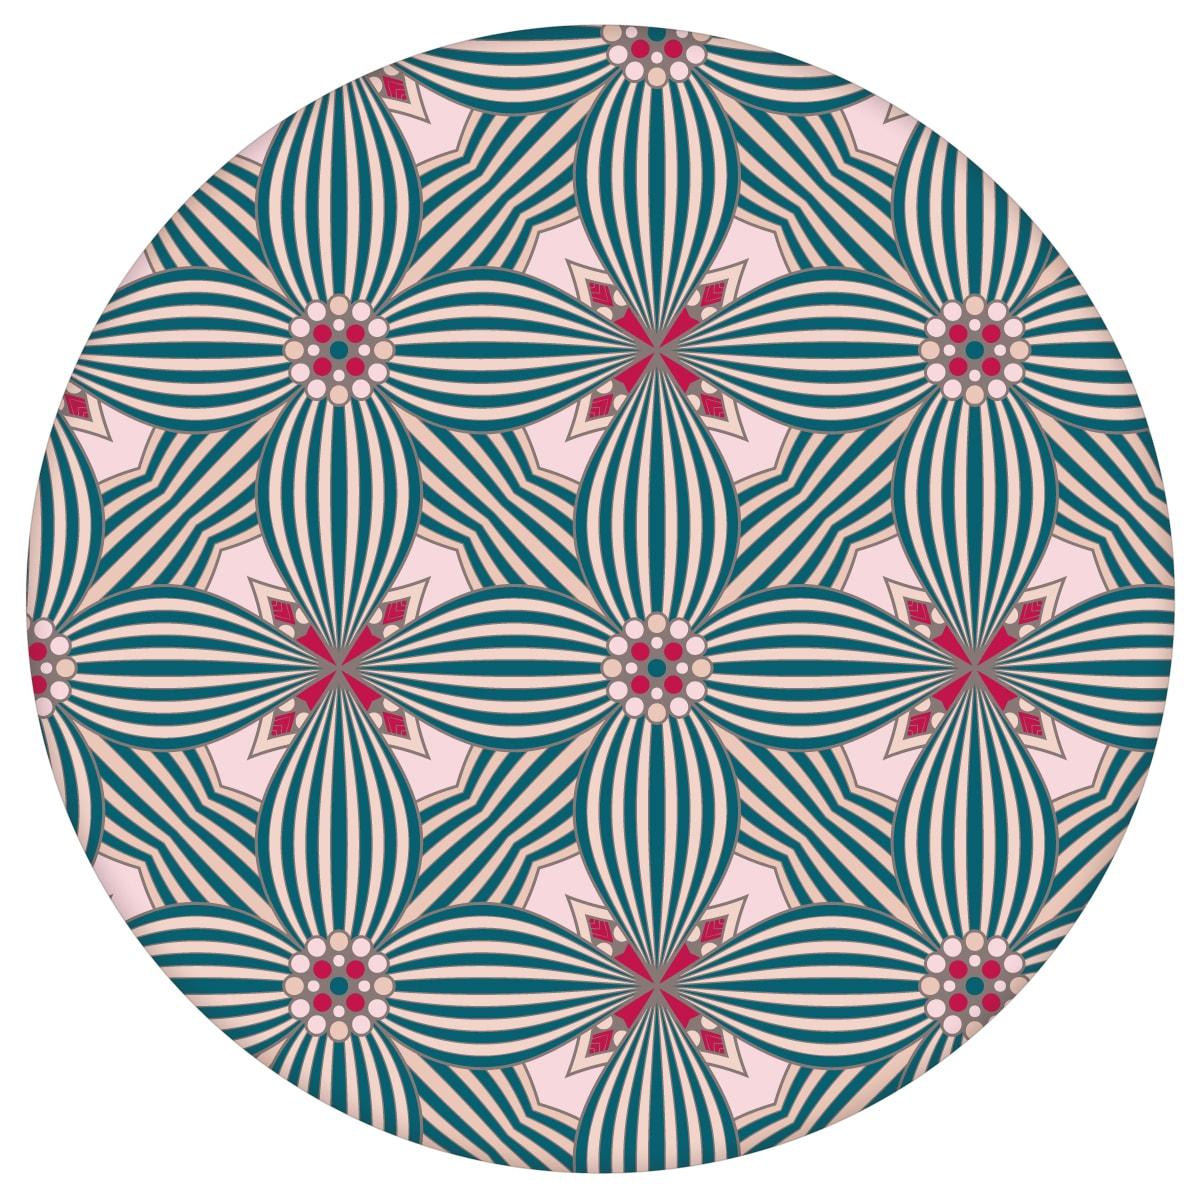 Retro Ornamenttapete Art Deko Lilly Muster groß in pink - Design Tapete für Flur, Büroaus dem GMM-BERLIN.com Sortiment: rosa Tapete zur Raumgestaltung: #00120 #Ambiente #Arbeitszimmer #Art Deko #blueten #blumen #Büro #flur #Grafik #interior #interiordesign #rosa Tapeten für individuelles Interiordesign